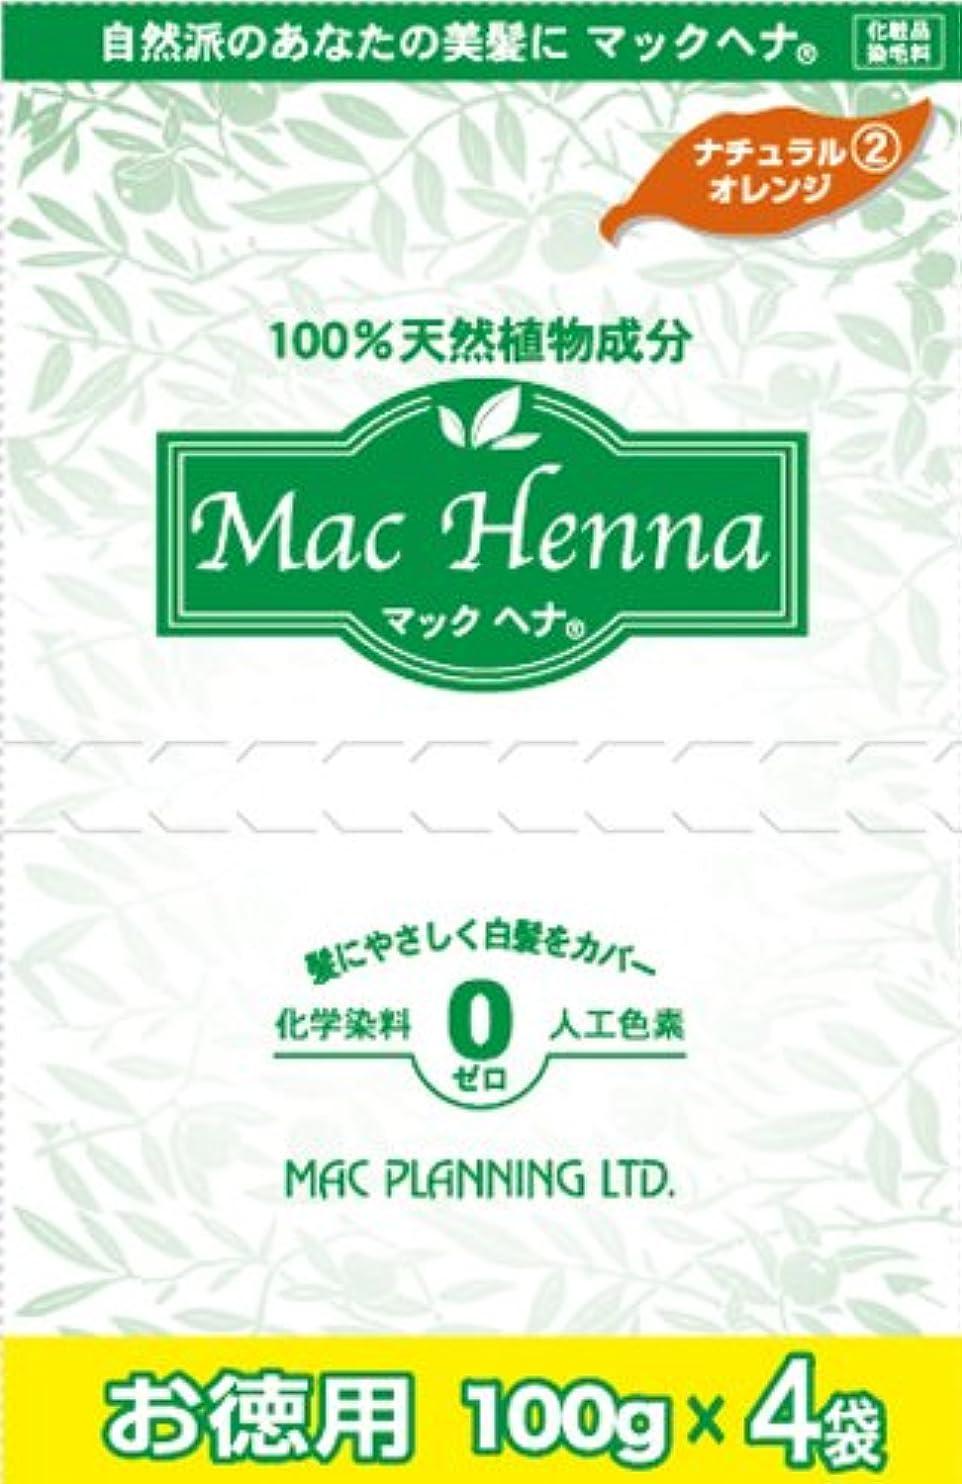 ブラウザ時々縞模様の天然植物原料100% 無添加 マックヘナ お徳用(ナチュラルオレンジ)-2  400g(100g×4袋) 2箱セット